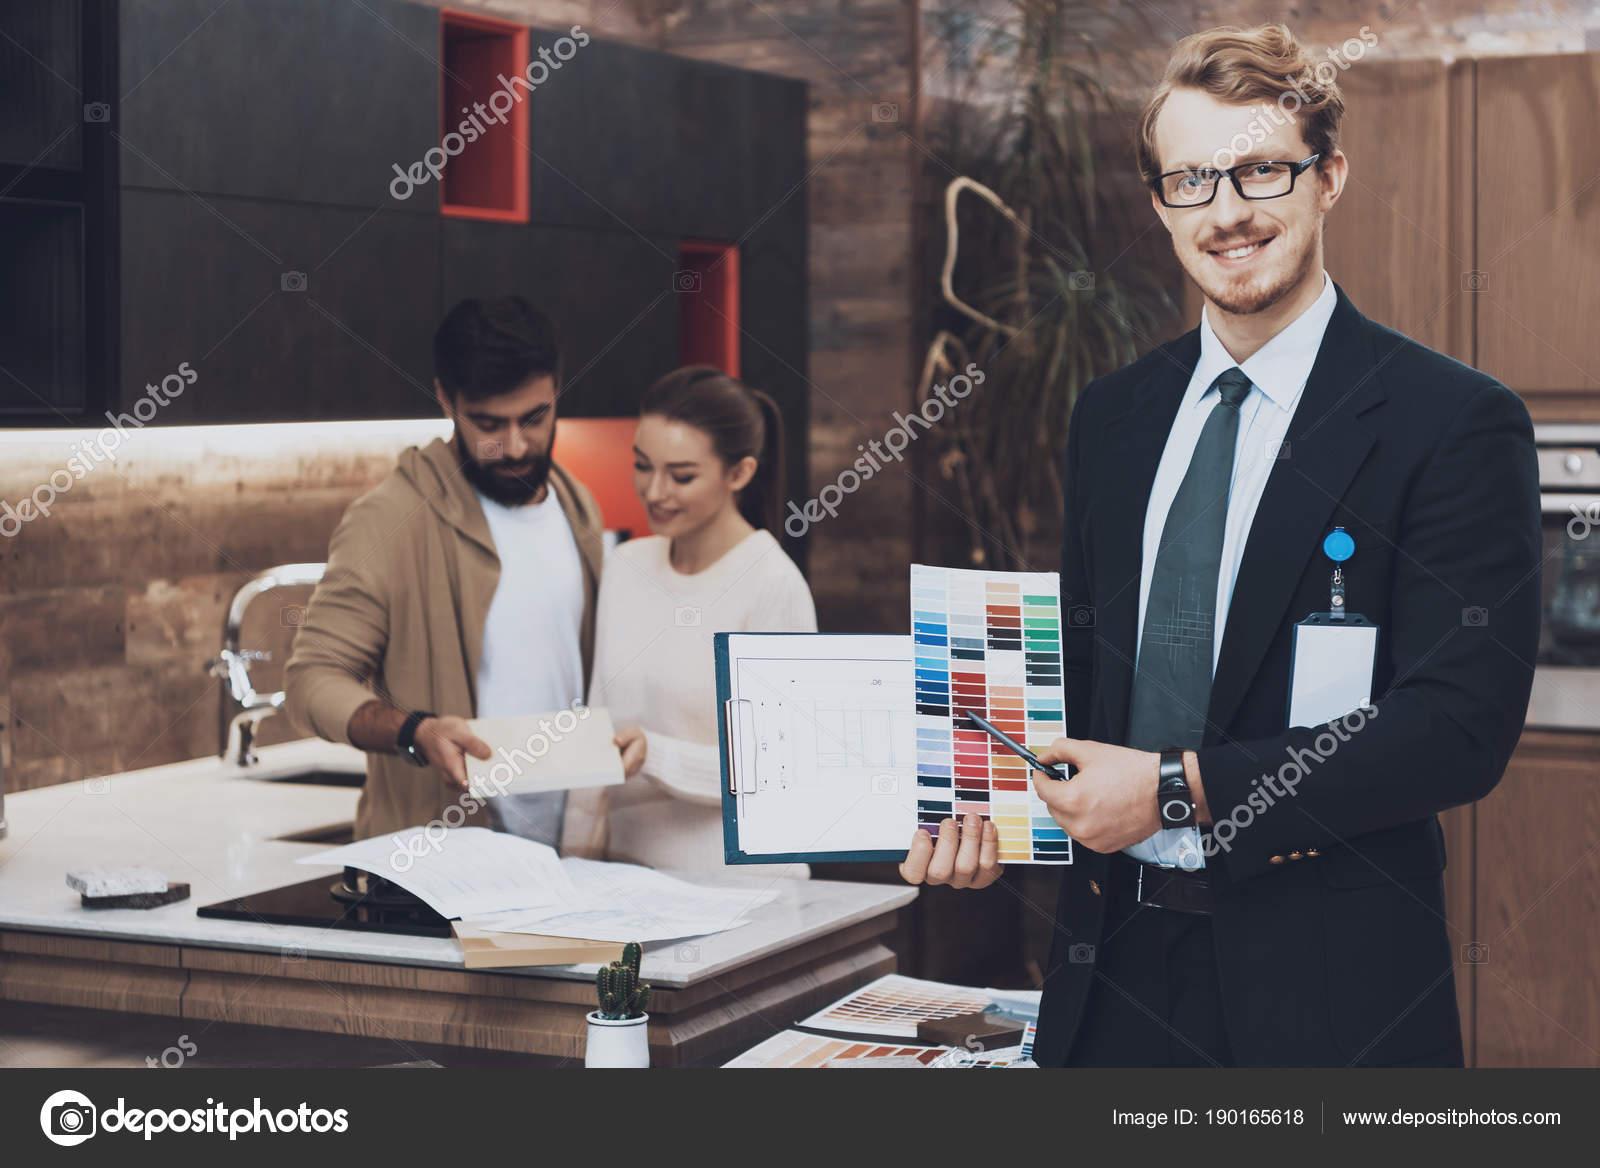 kitchens store smart tv kitchen 经理在服装展示五颜六色的色板和蓝图与情侣客户在厨房商店背景 图库照片 经理在服装展示五颜六色的色板和蓝图与情侣客户在厨房商店